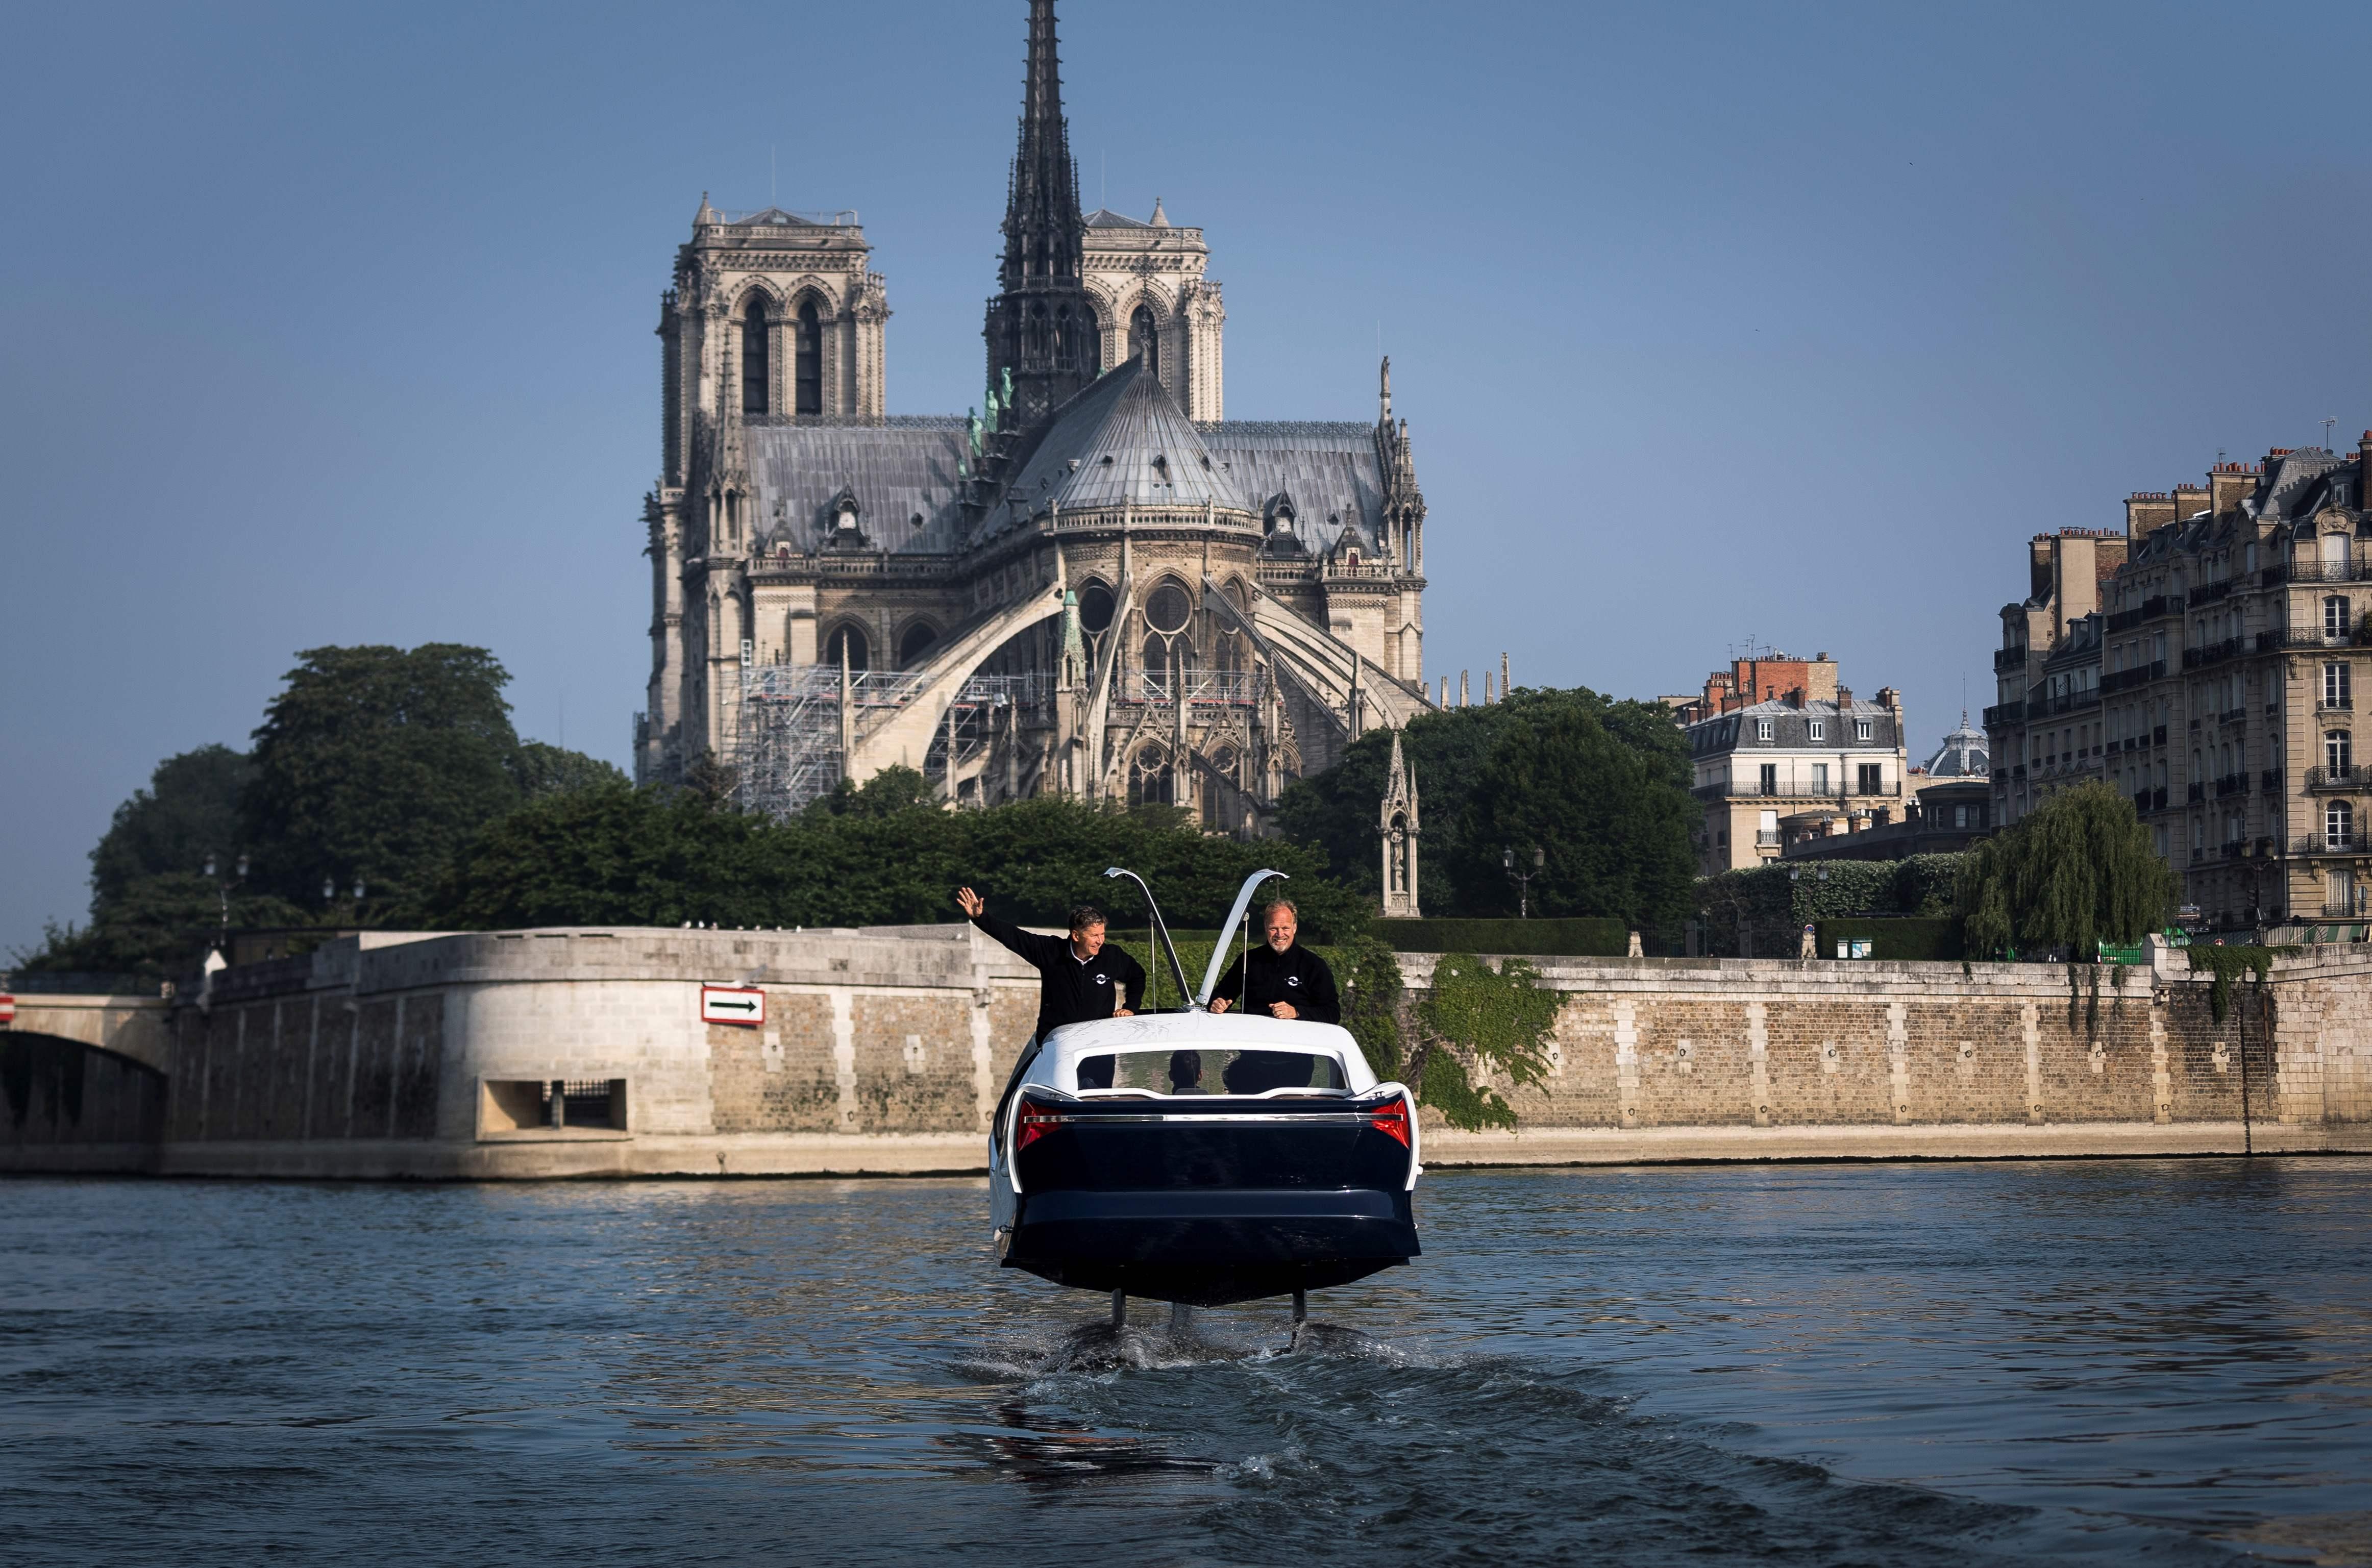 فرنسا تطلق تاكسى طائر جديد